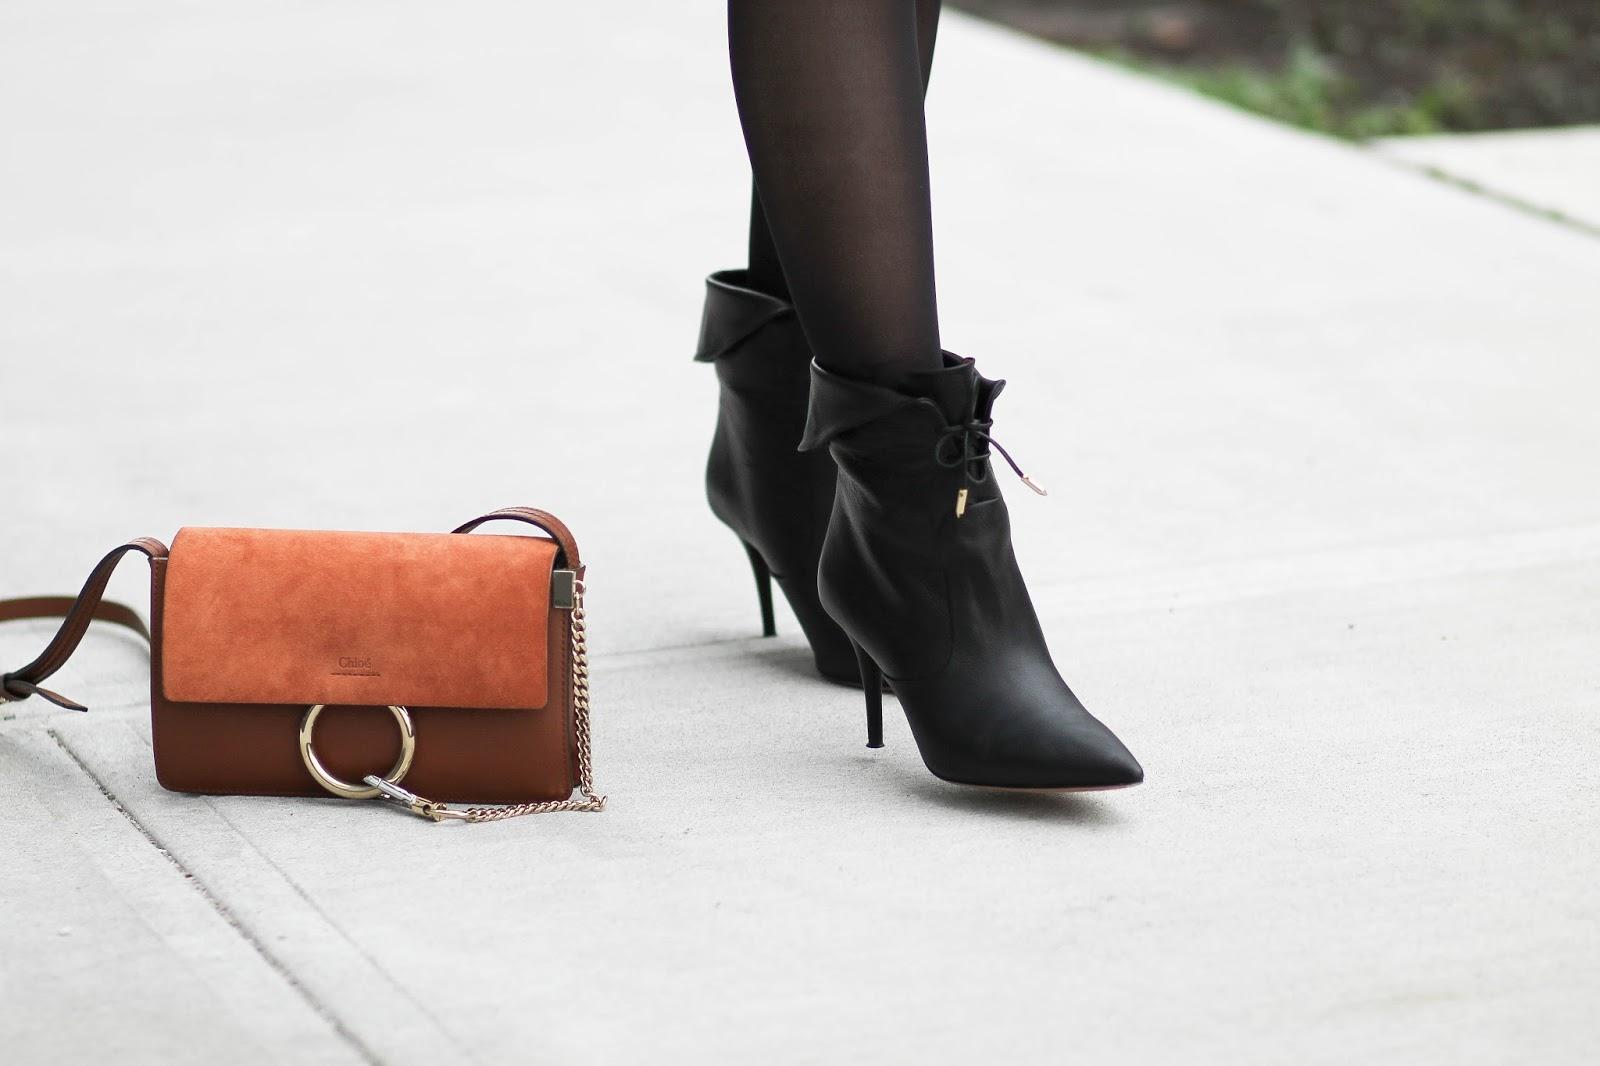 aquazurra boots